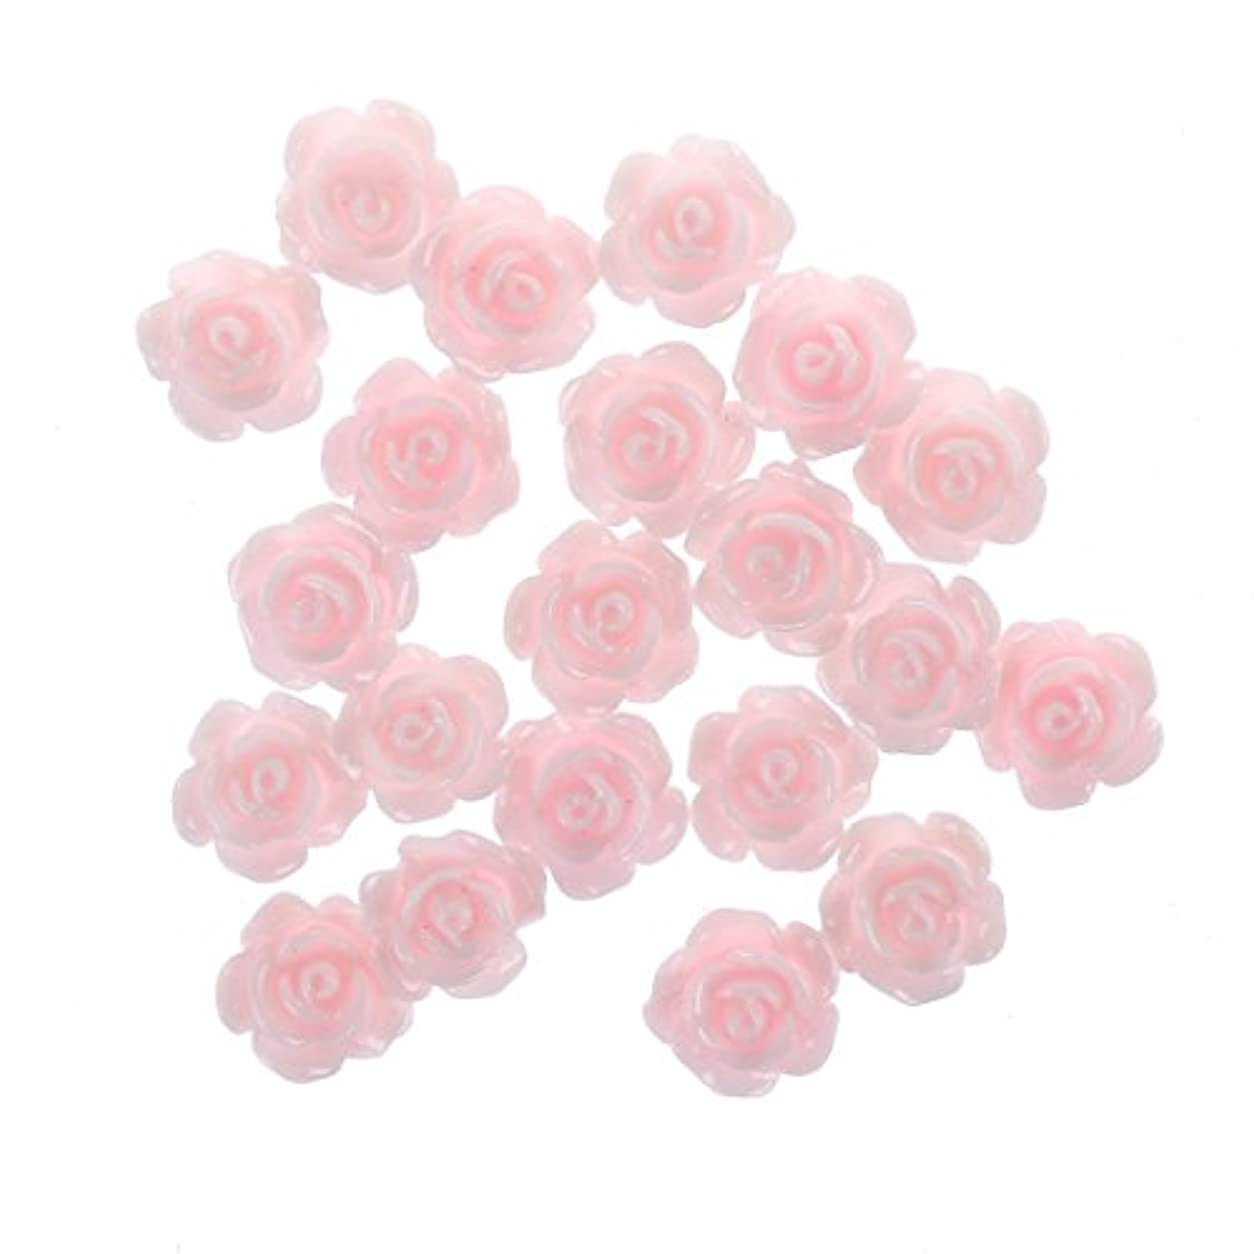 詐欺リットル脅かすネイルアート,SODIAL(R)20x3Dピンクの小さいバラ ラインストーン付きネイルアート装飾